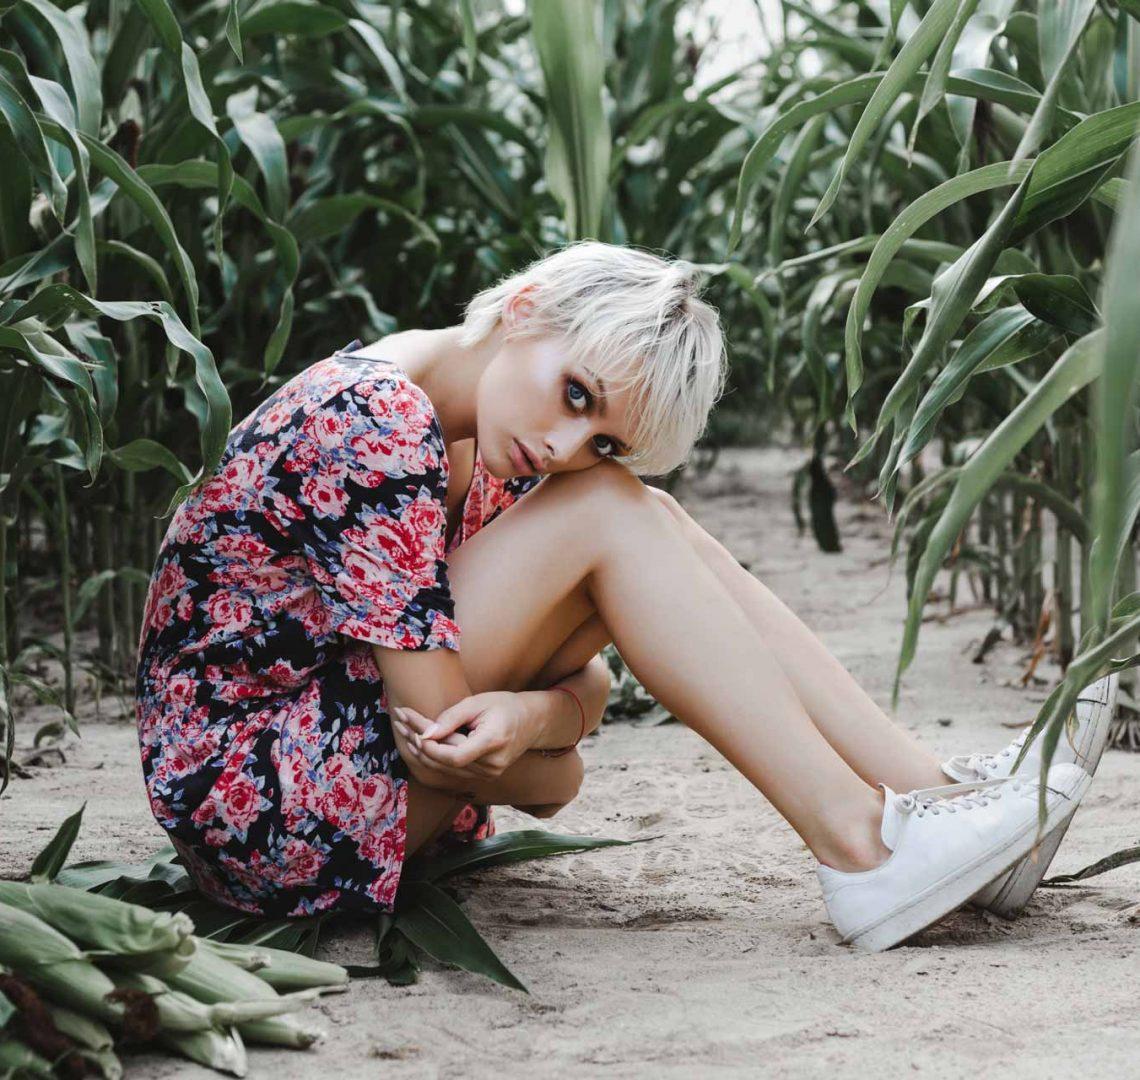 girl-between-green-leaves-in-a-corn-field-PD8U4Z5.jpg